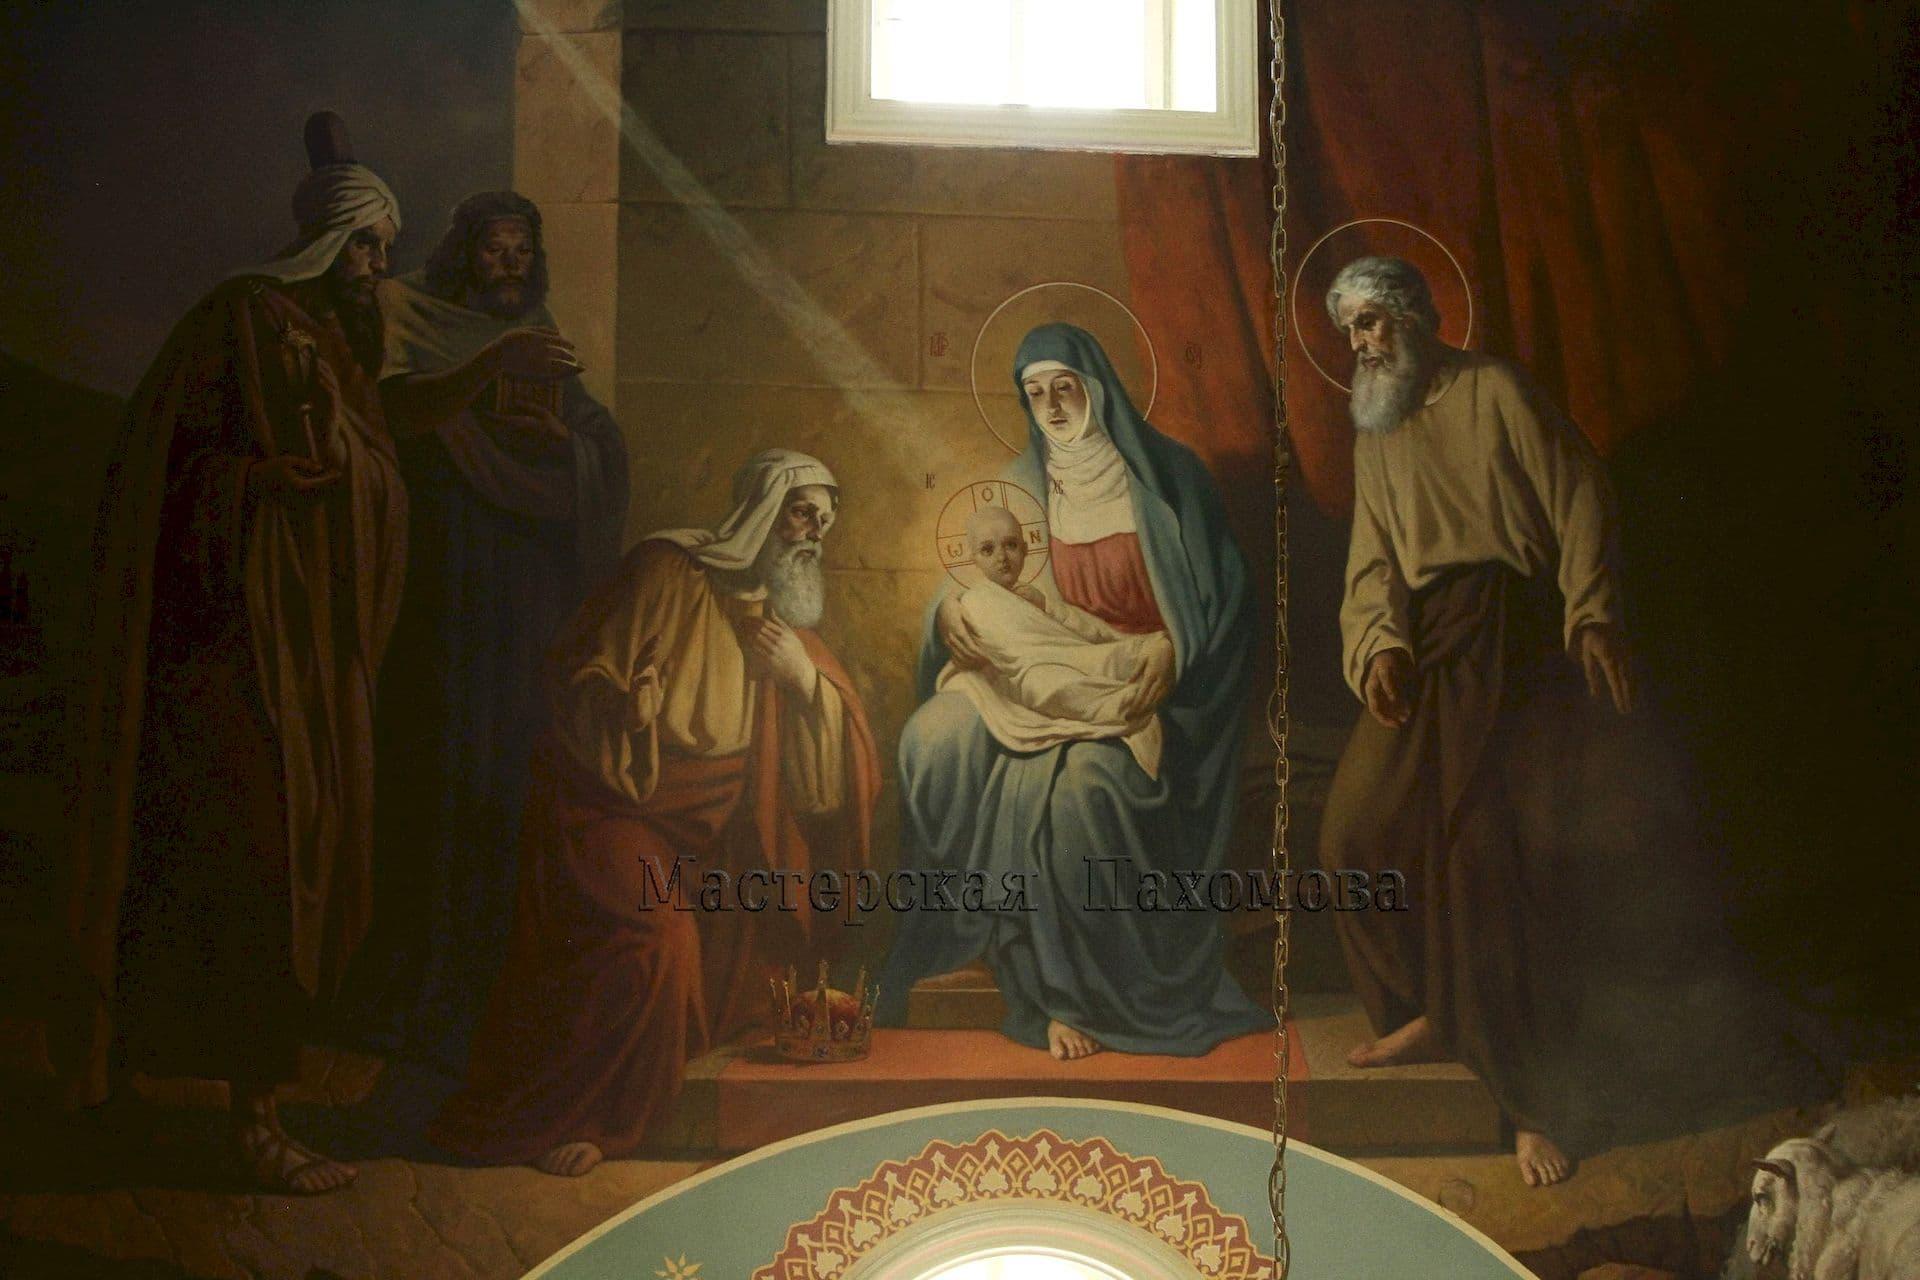 Настенная роспись в храме. Рождество Христово - икона на стене в Храме Св. Пантелеймона